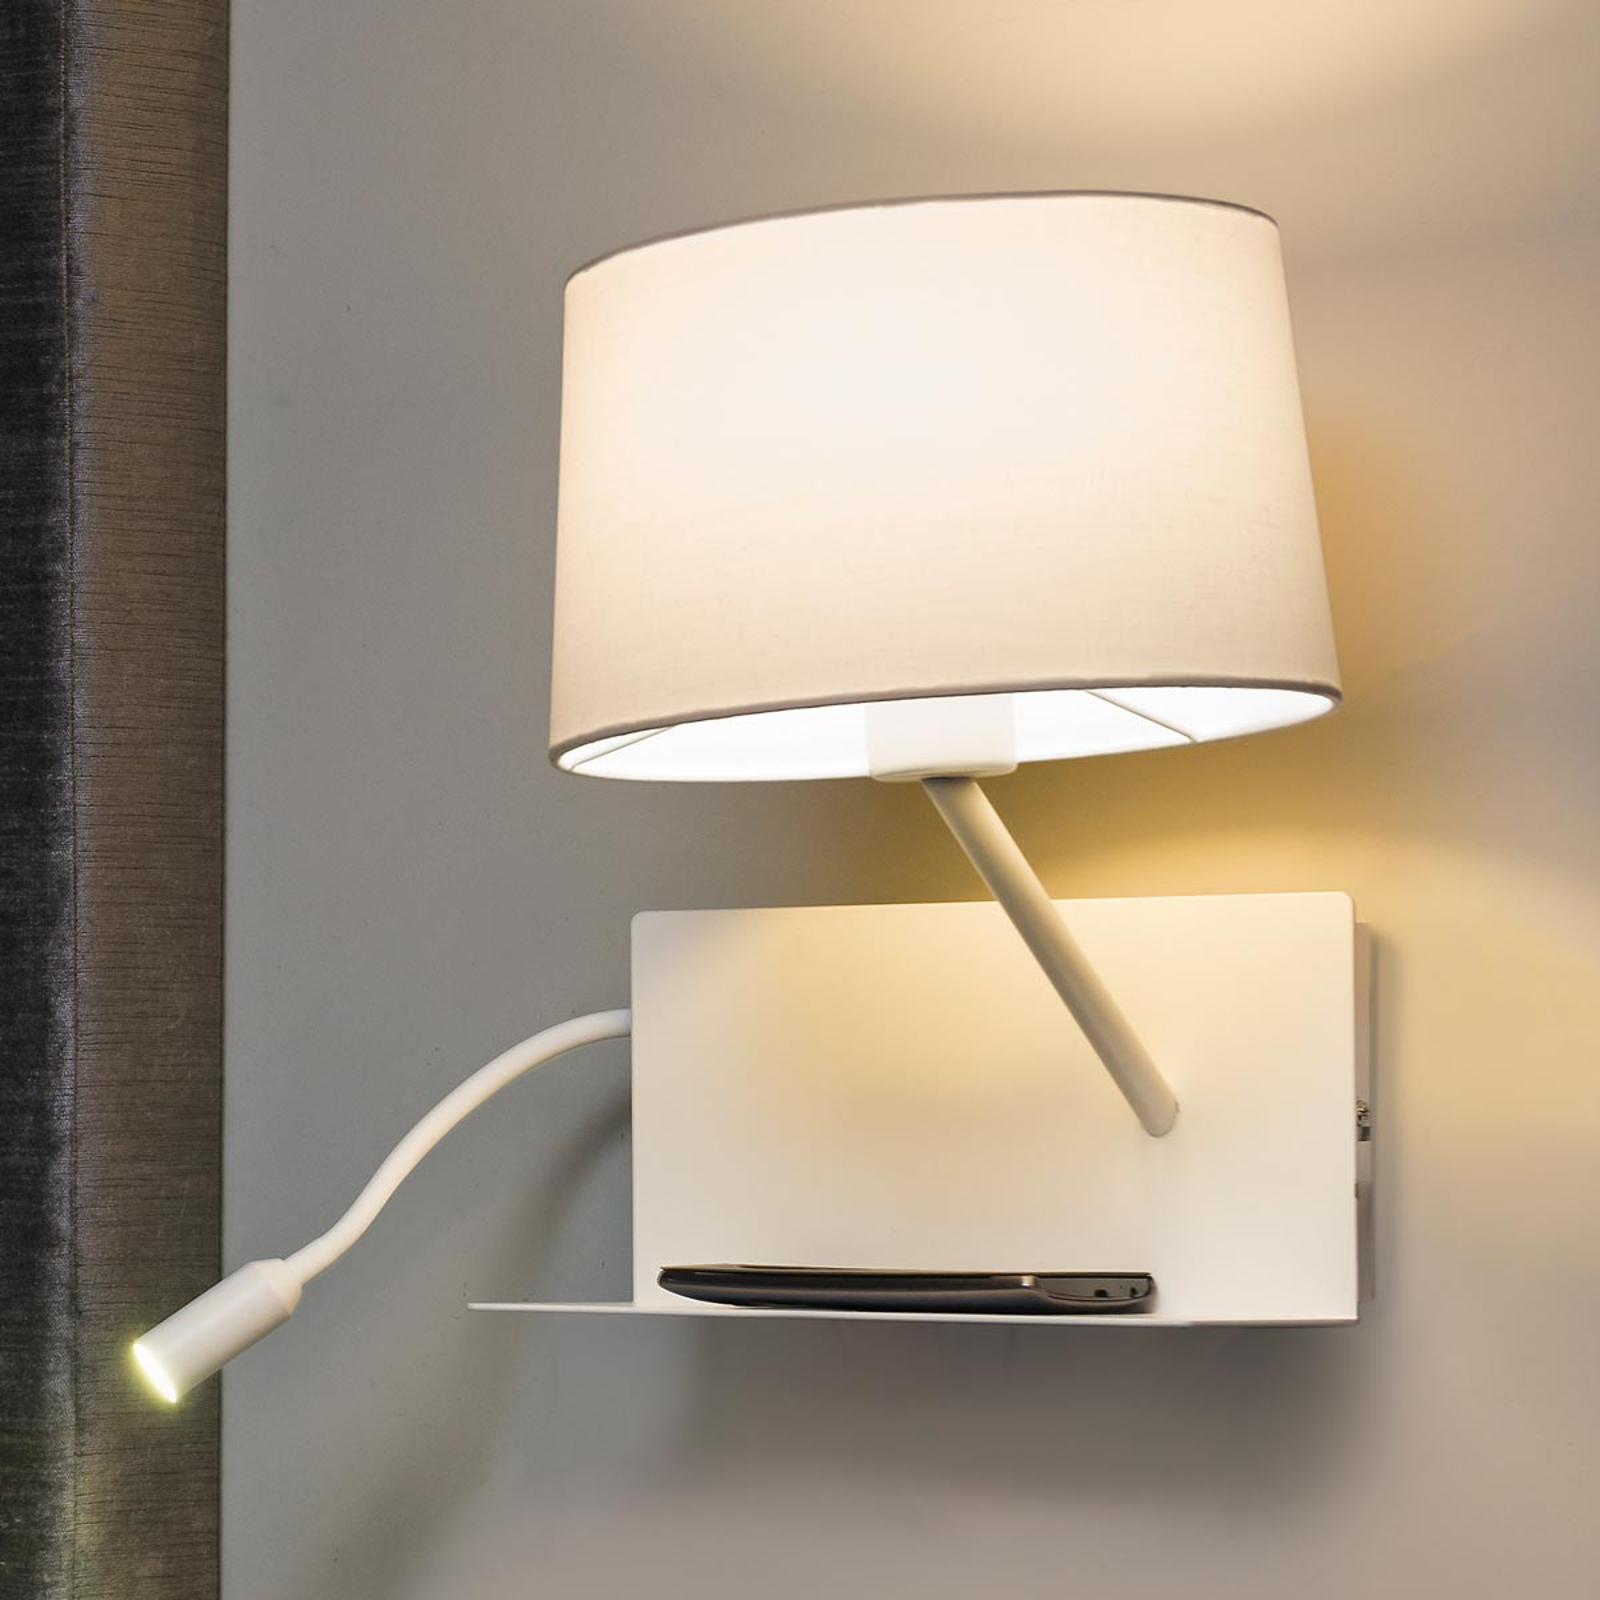 Applique pratique Handy avec liseuse LED